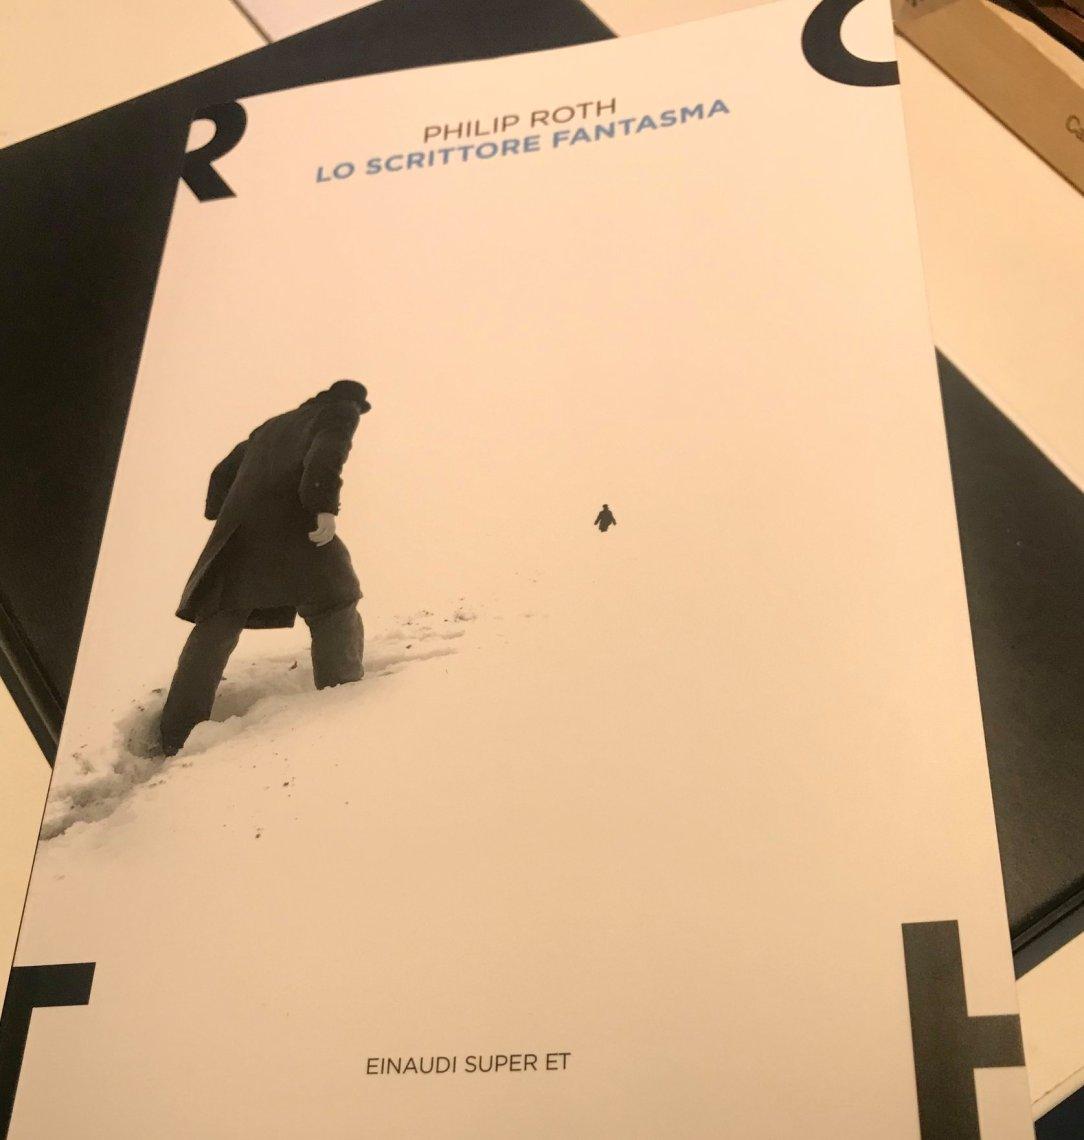 Lo scrittore fantasma, Philip Roth, Bottega di narrazione, Scrittura creativa, Creative writing, autofinzione, autofiction, Simone Salomoni